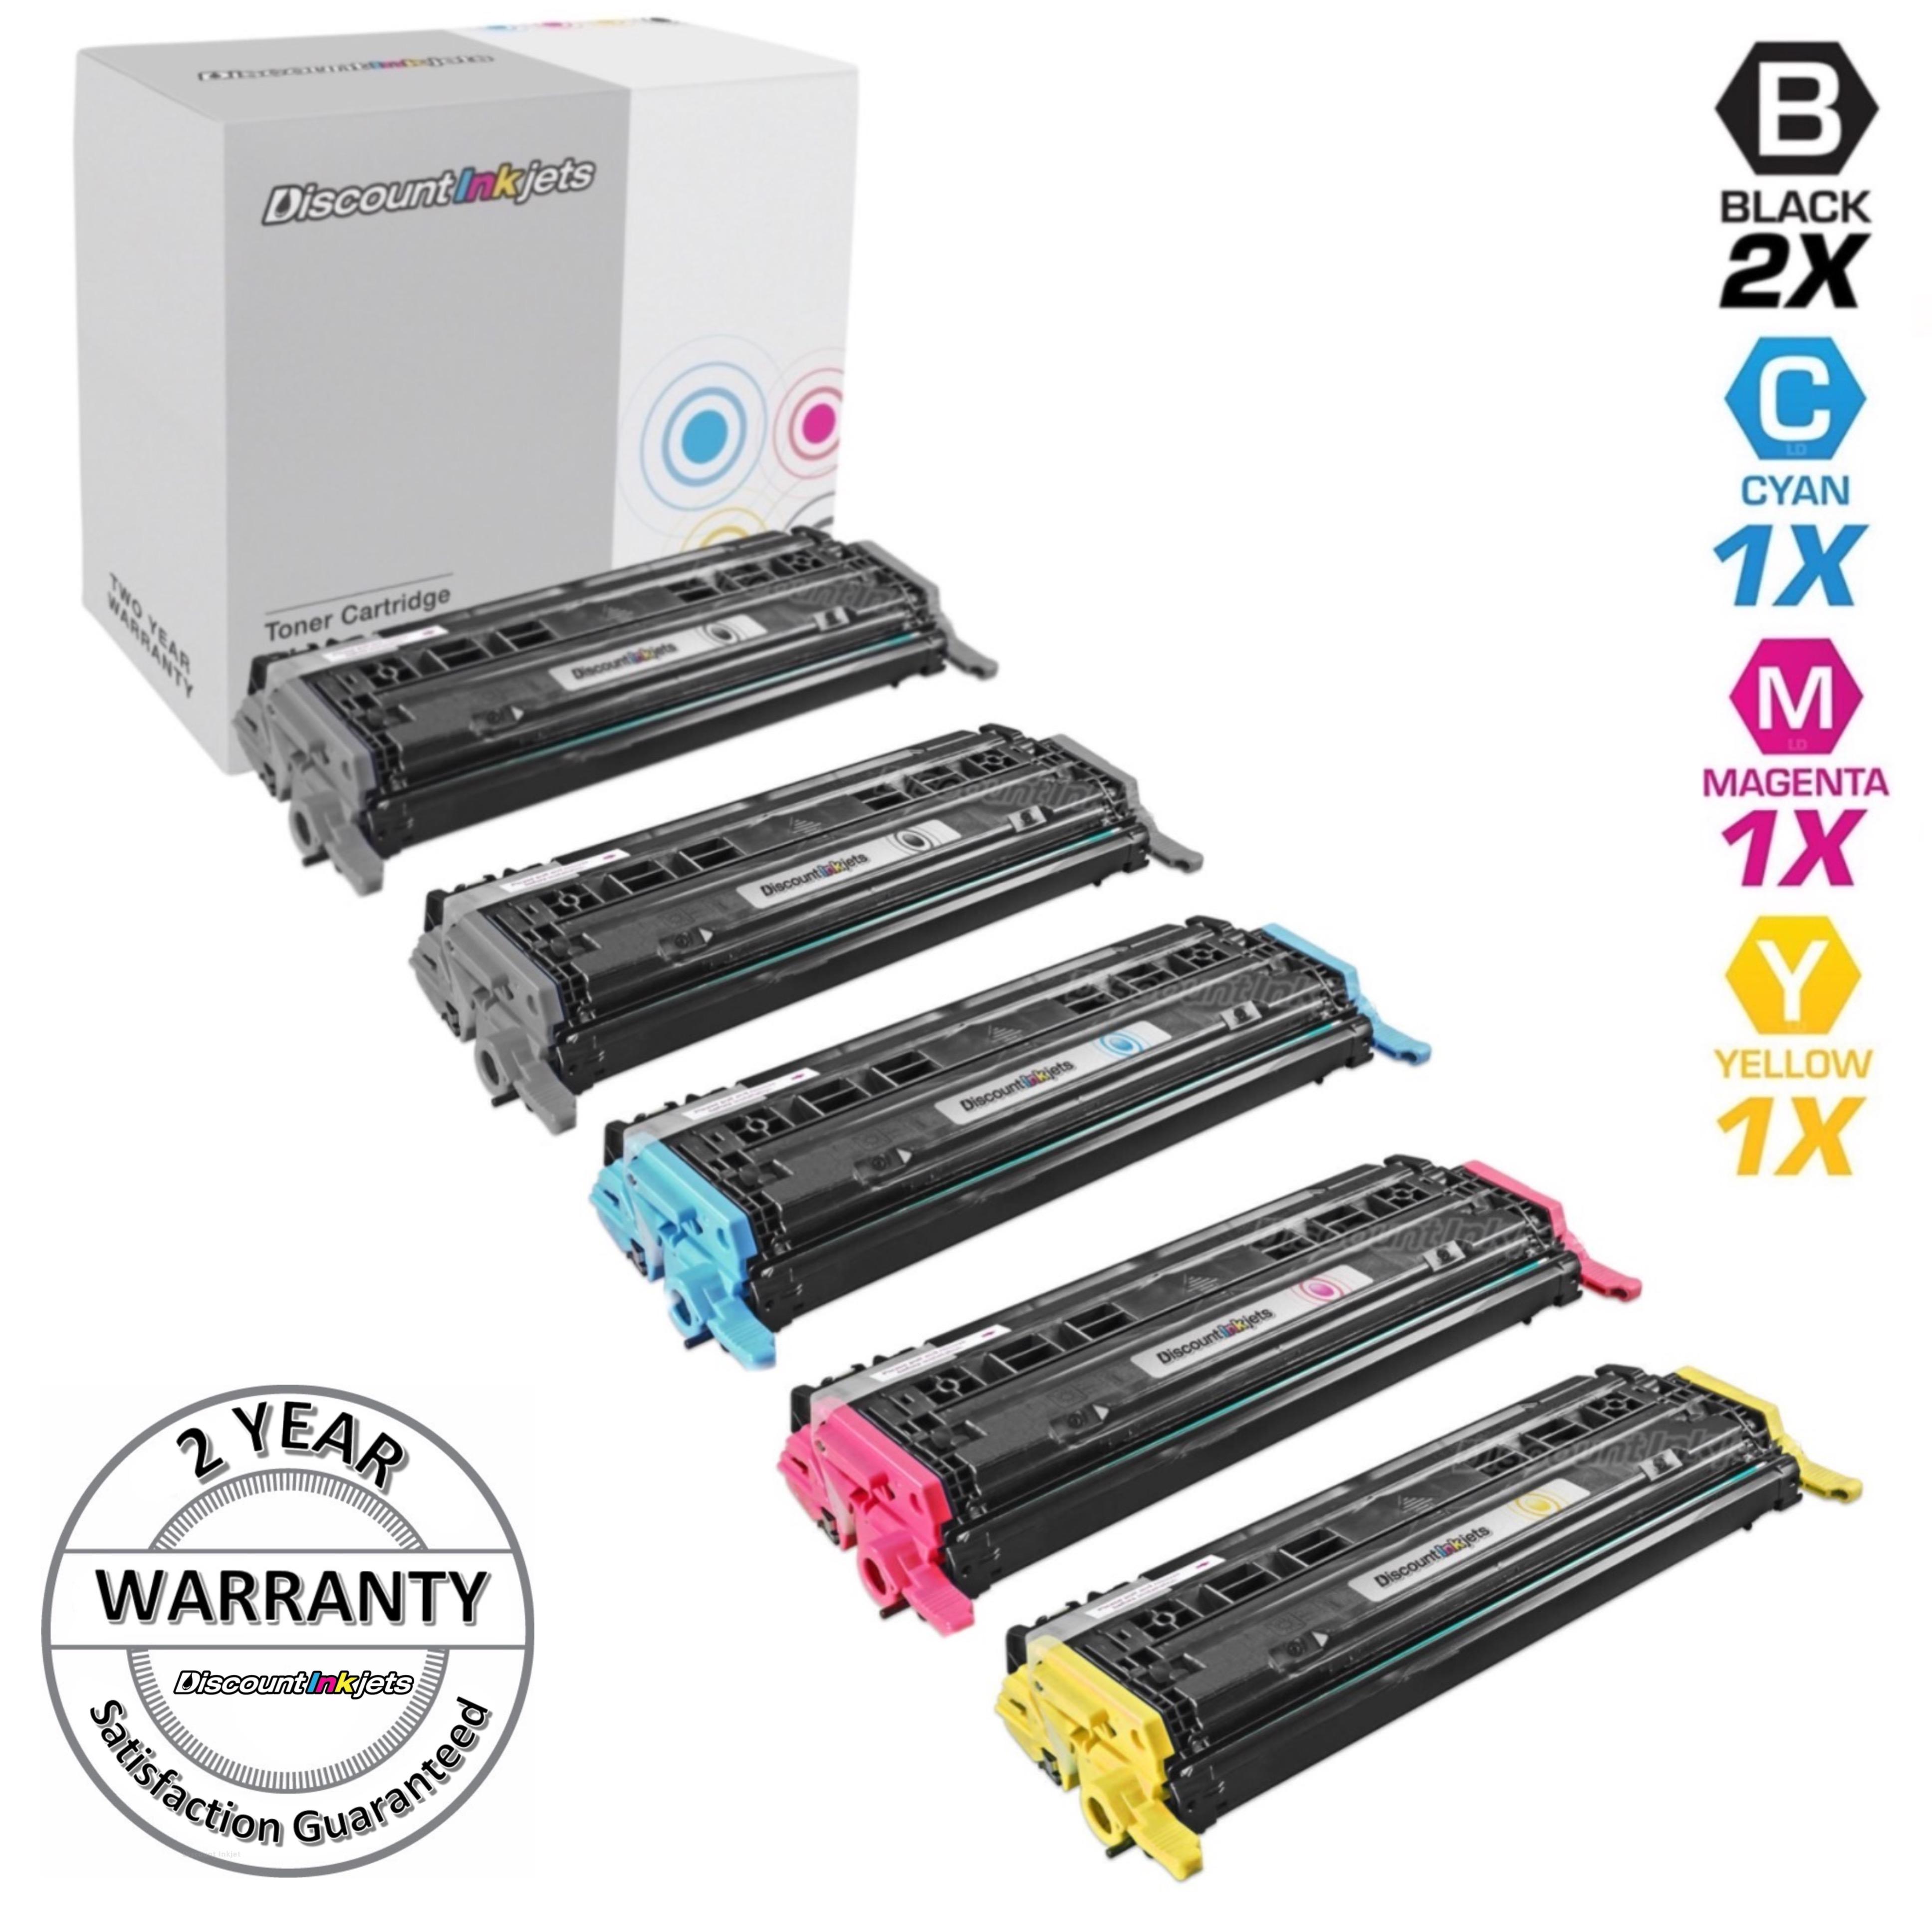 4 pack Q6000A Q6001A Q6002A Q6003A Set for 124A Color 2605dn Printer HI-QTY!